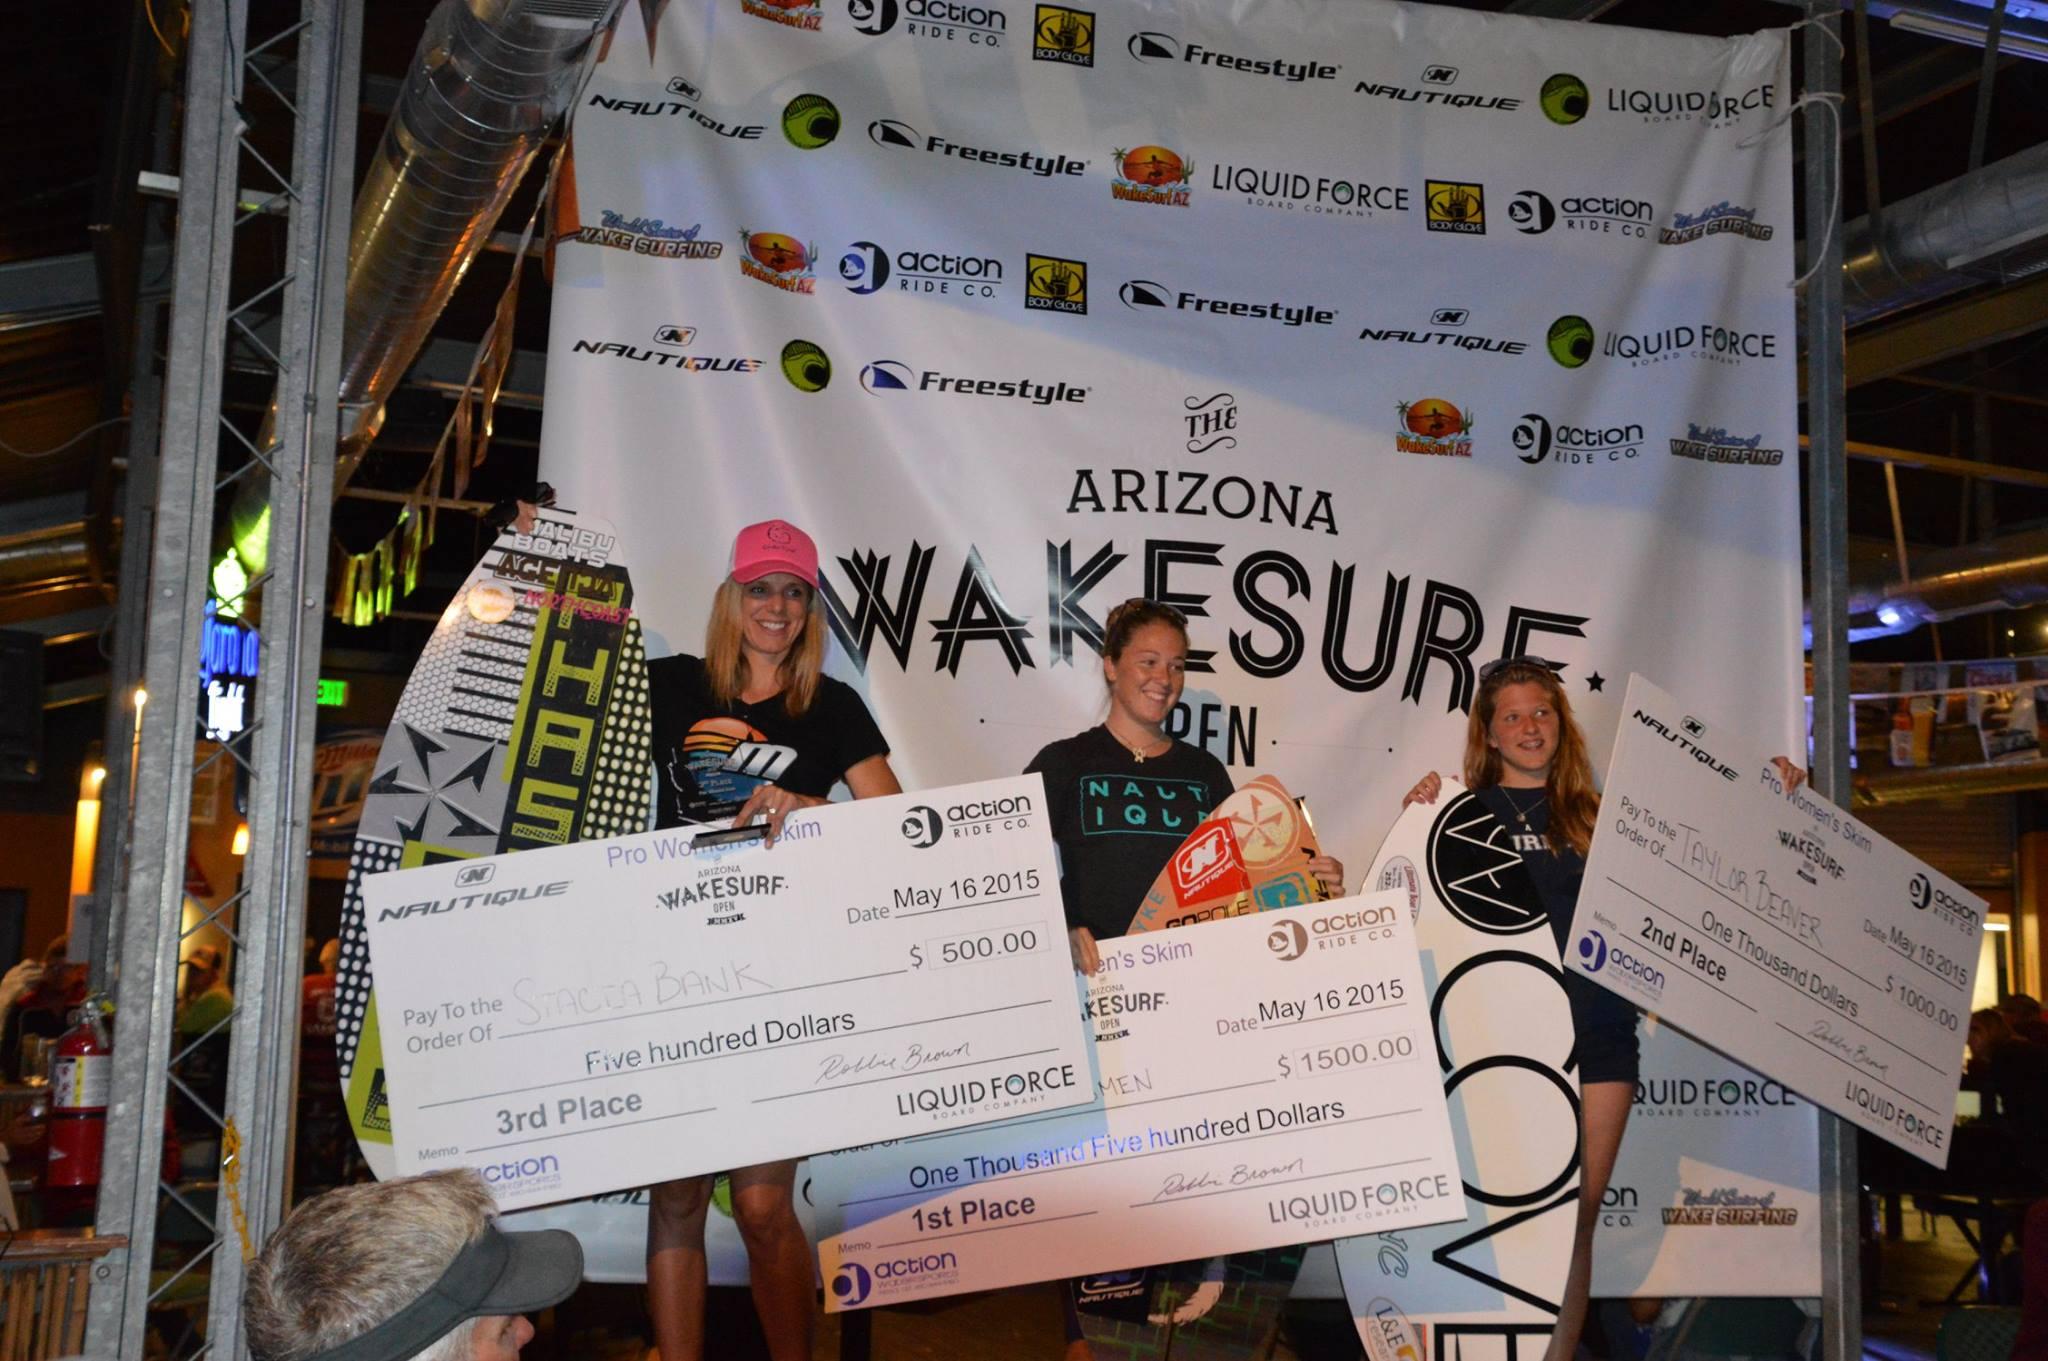 Arizona Wakesurf Open 2015